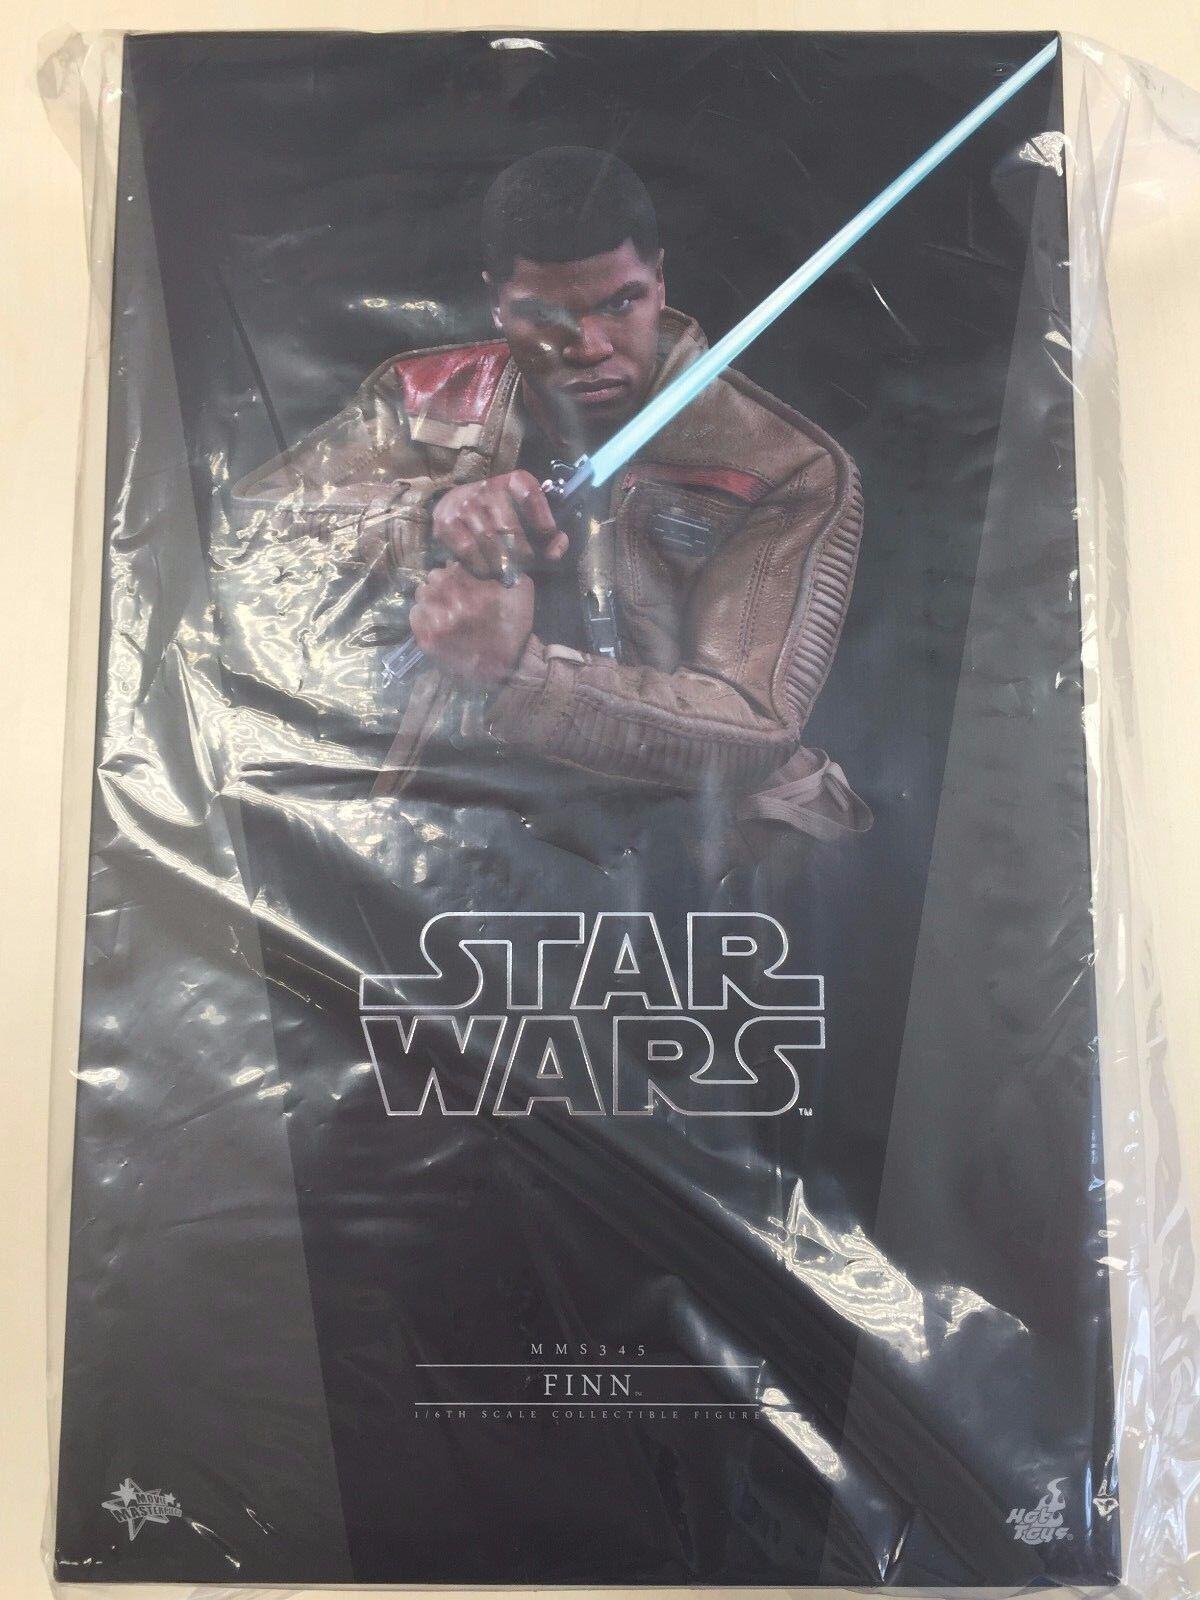 Hot Toys MMS 345 Star Wars Force despierta primera orden Finn John Boyega Nuevo